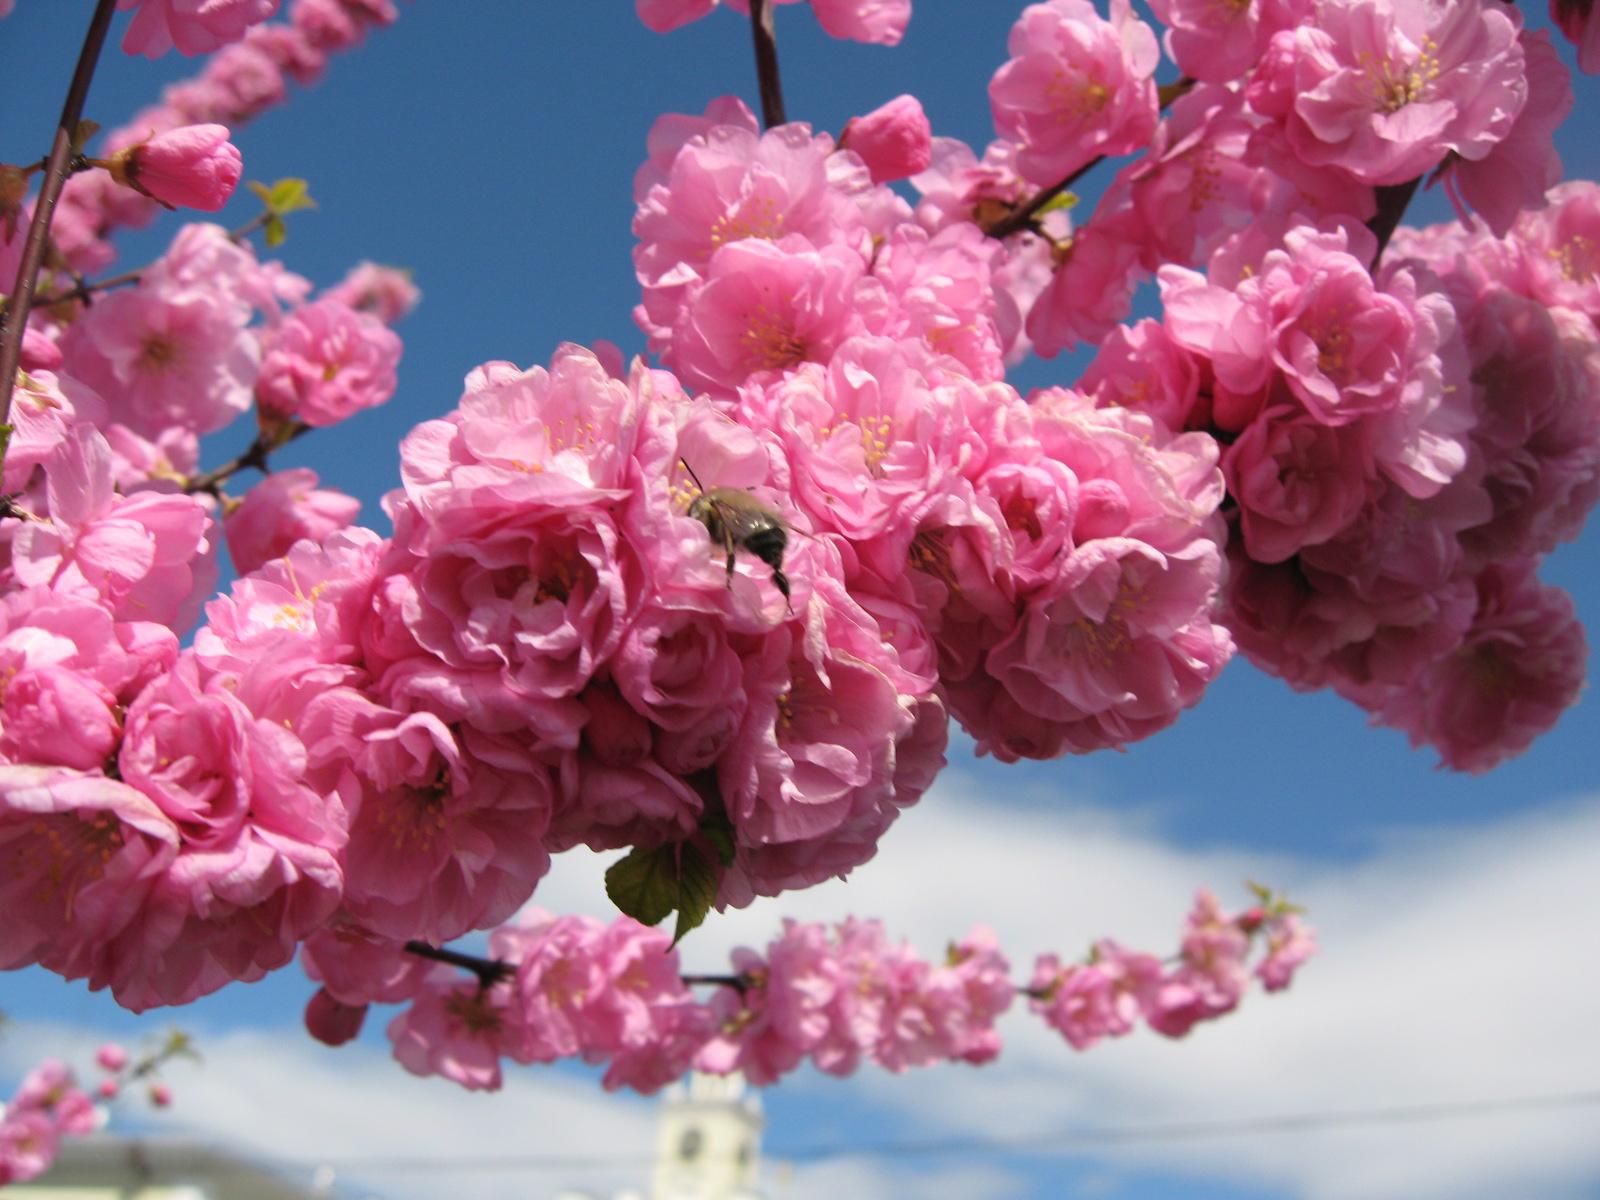 ... сакуры ;-) Приятного просмотра: isawthebeauty.blogspot.com/2011/02/blog-post_22.html